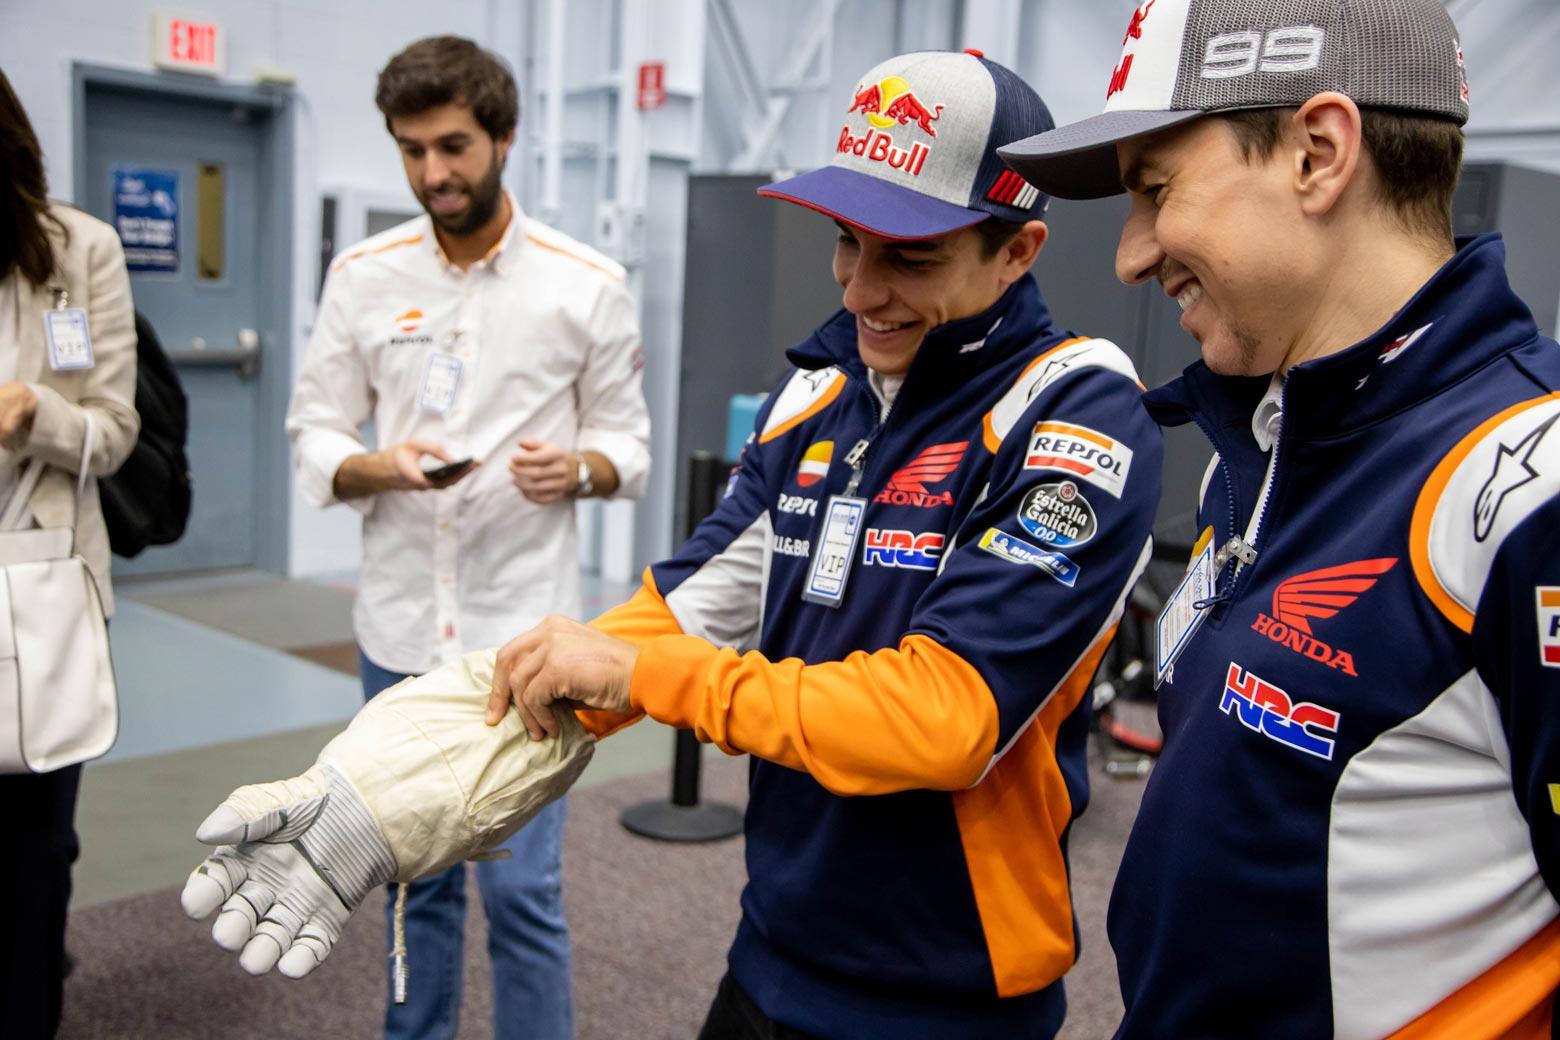 Marc Márquez probandose un guante de astronauta mientras Lorenzo mira